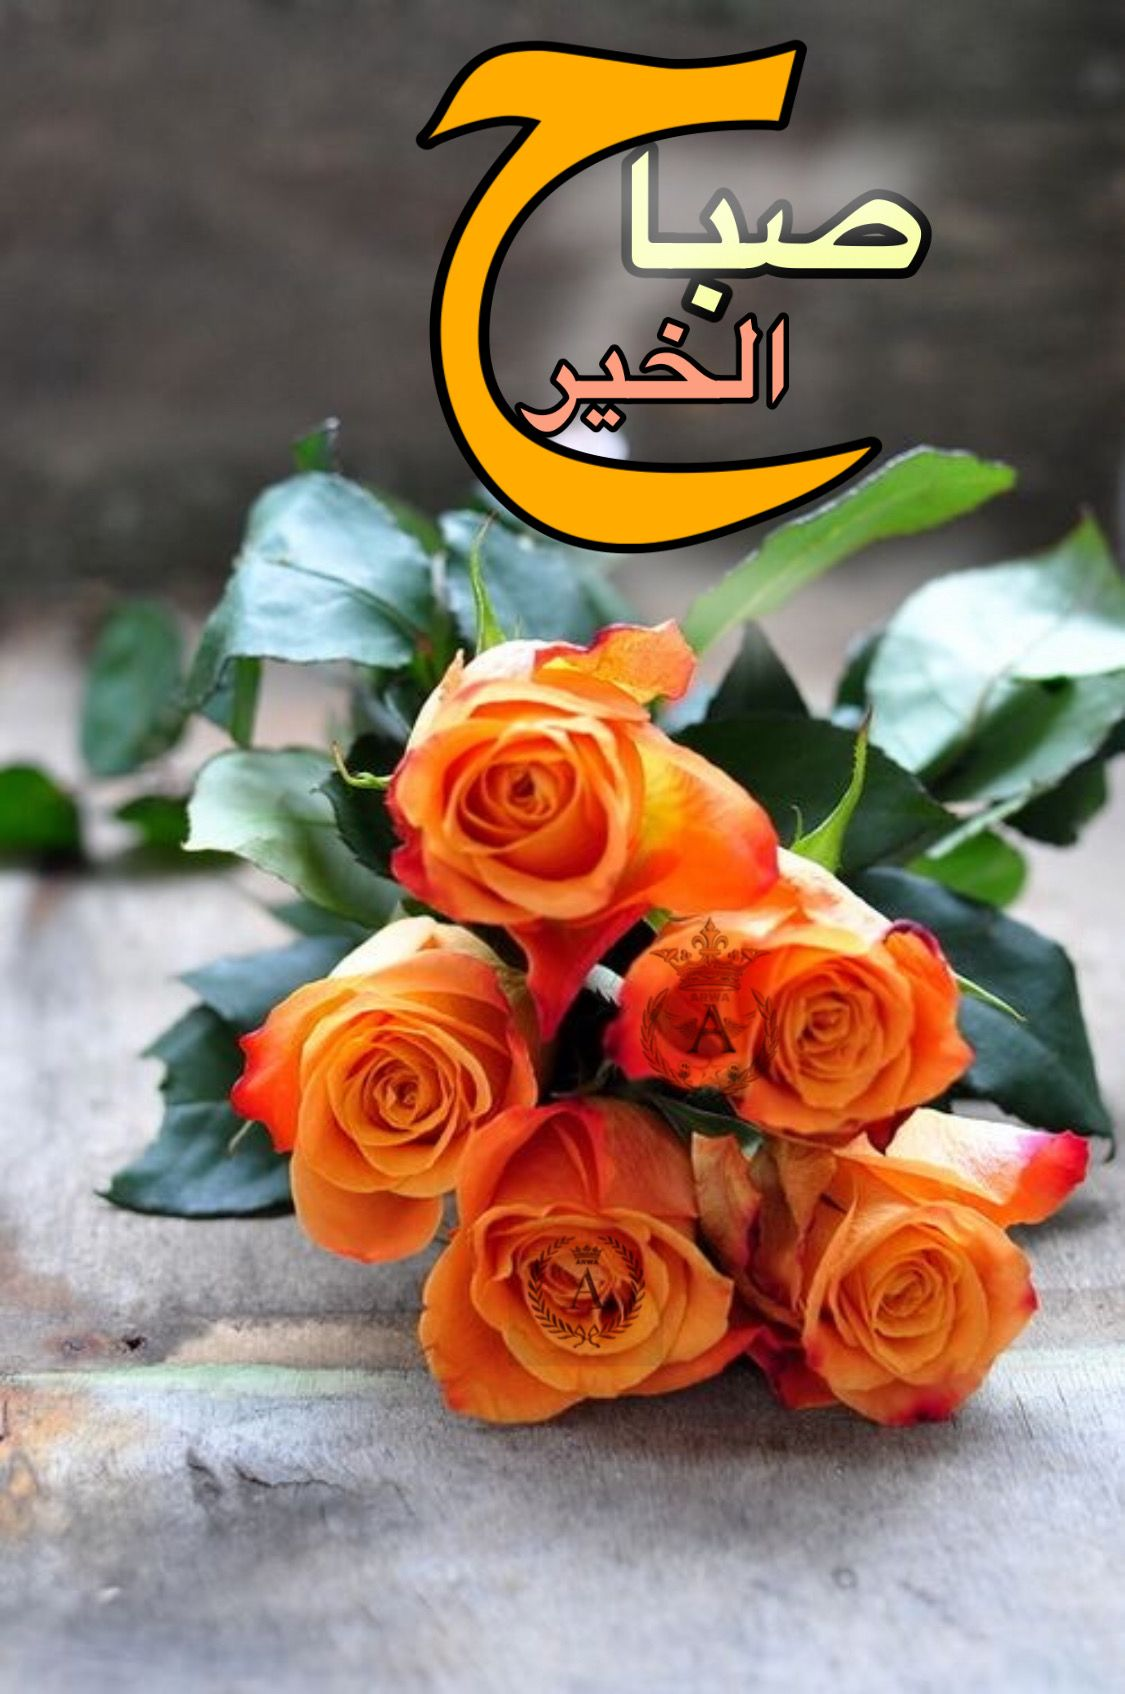 صباح الخير Good Morning Beautiful Images Good Morning Gif Good Morning Beautiful